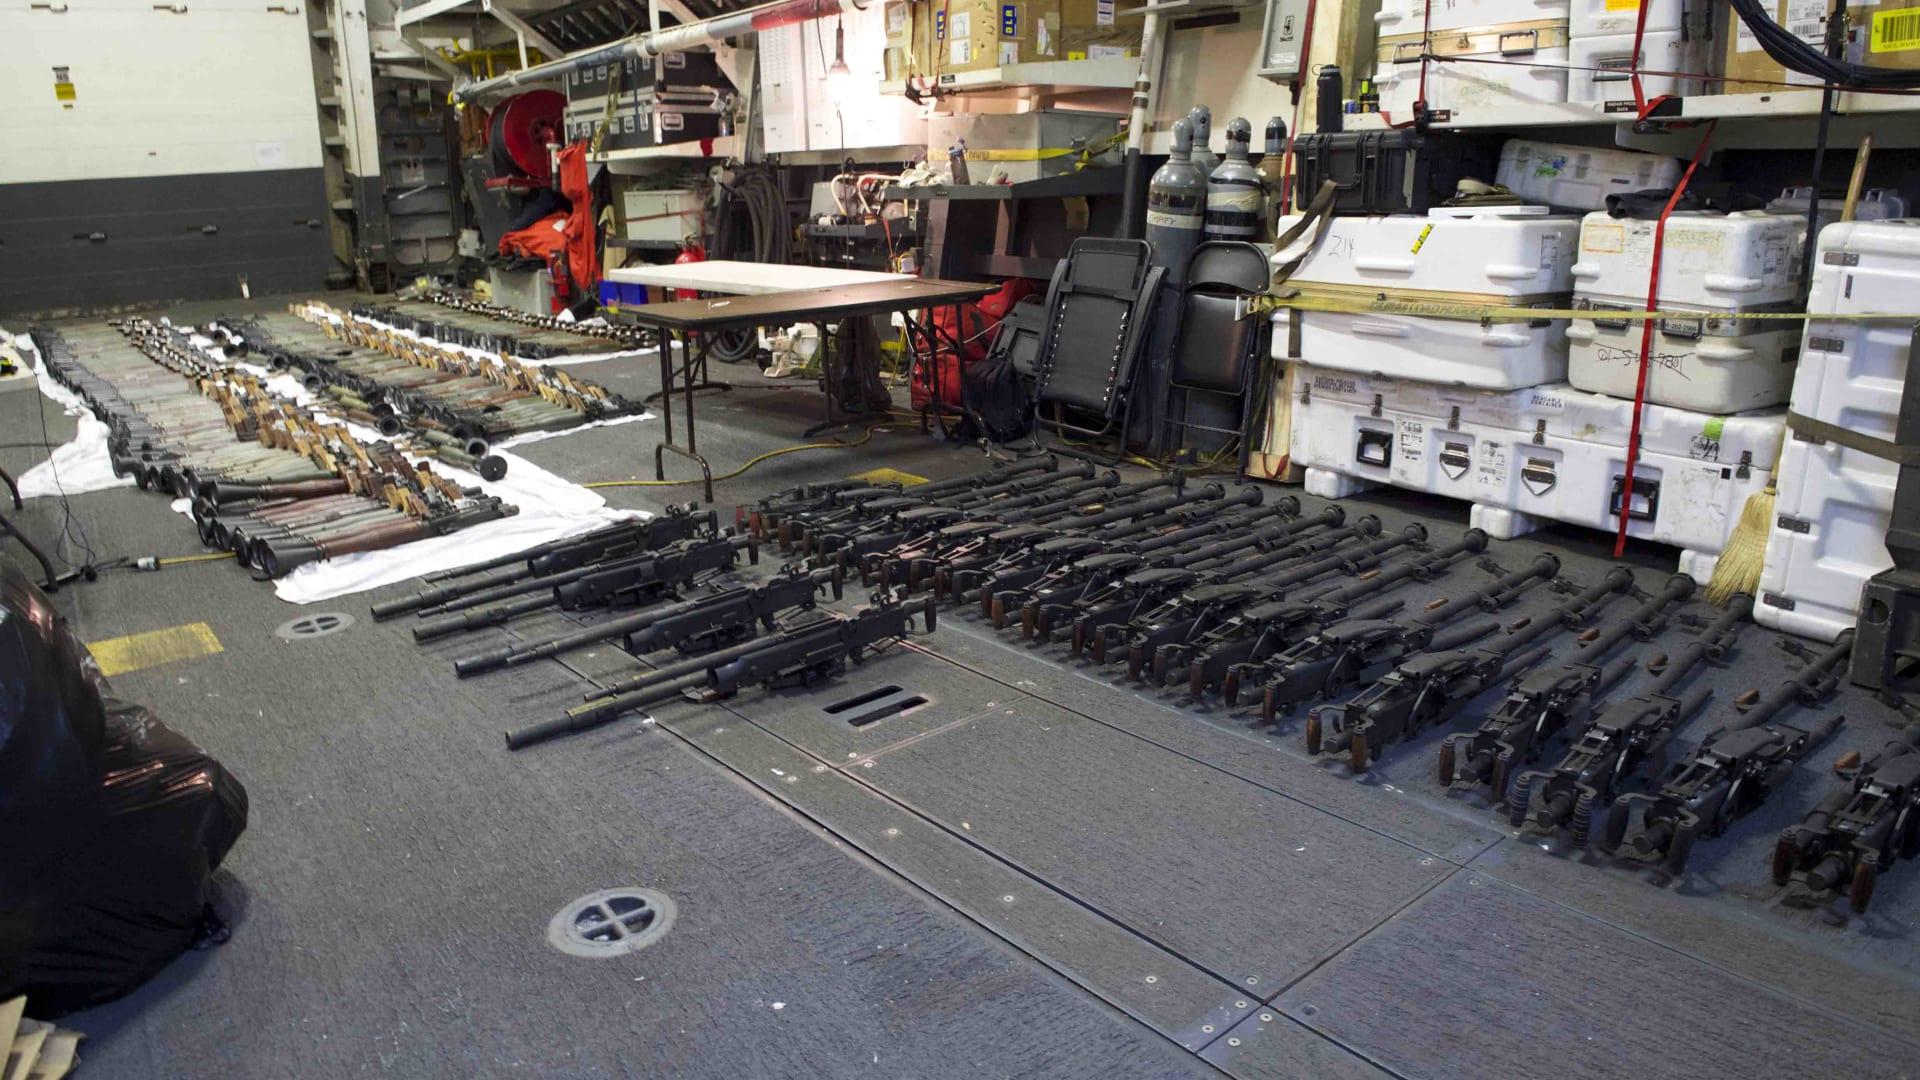 رالبحرية الأمريكية: ضبط ثالث شحنة أسلحة غير مشروعة خلال أسابيع يُشتبه بإرسالها من إيران إلى الحوثيين